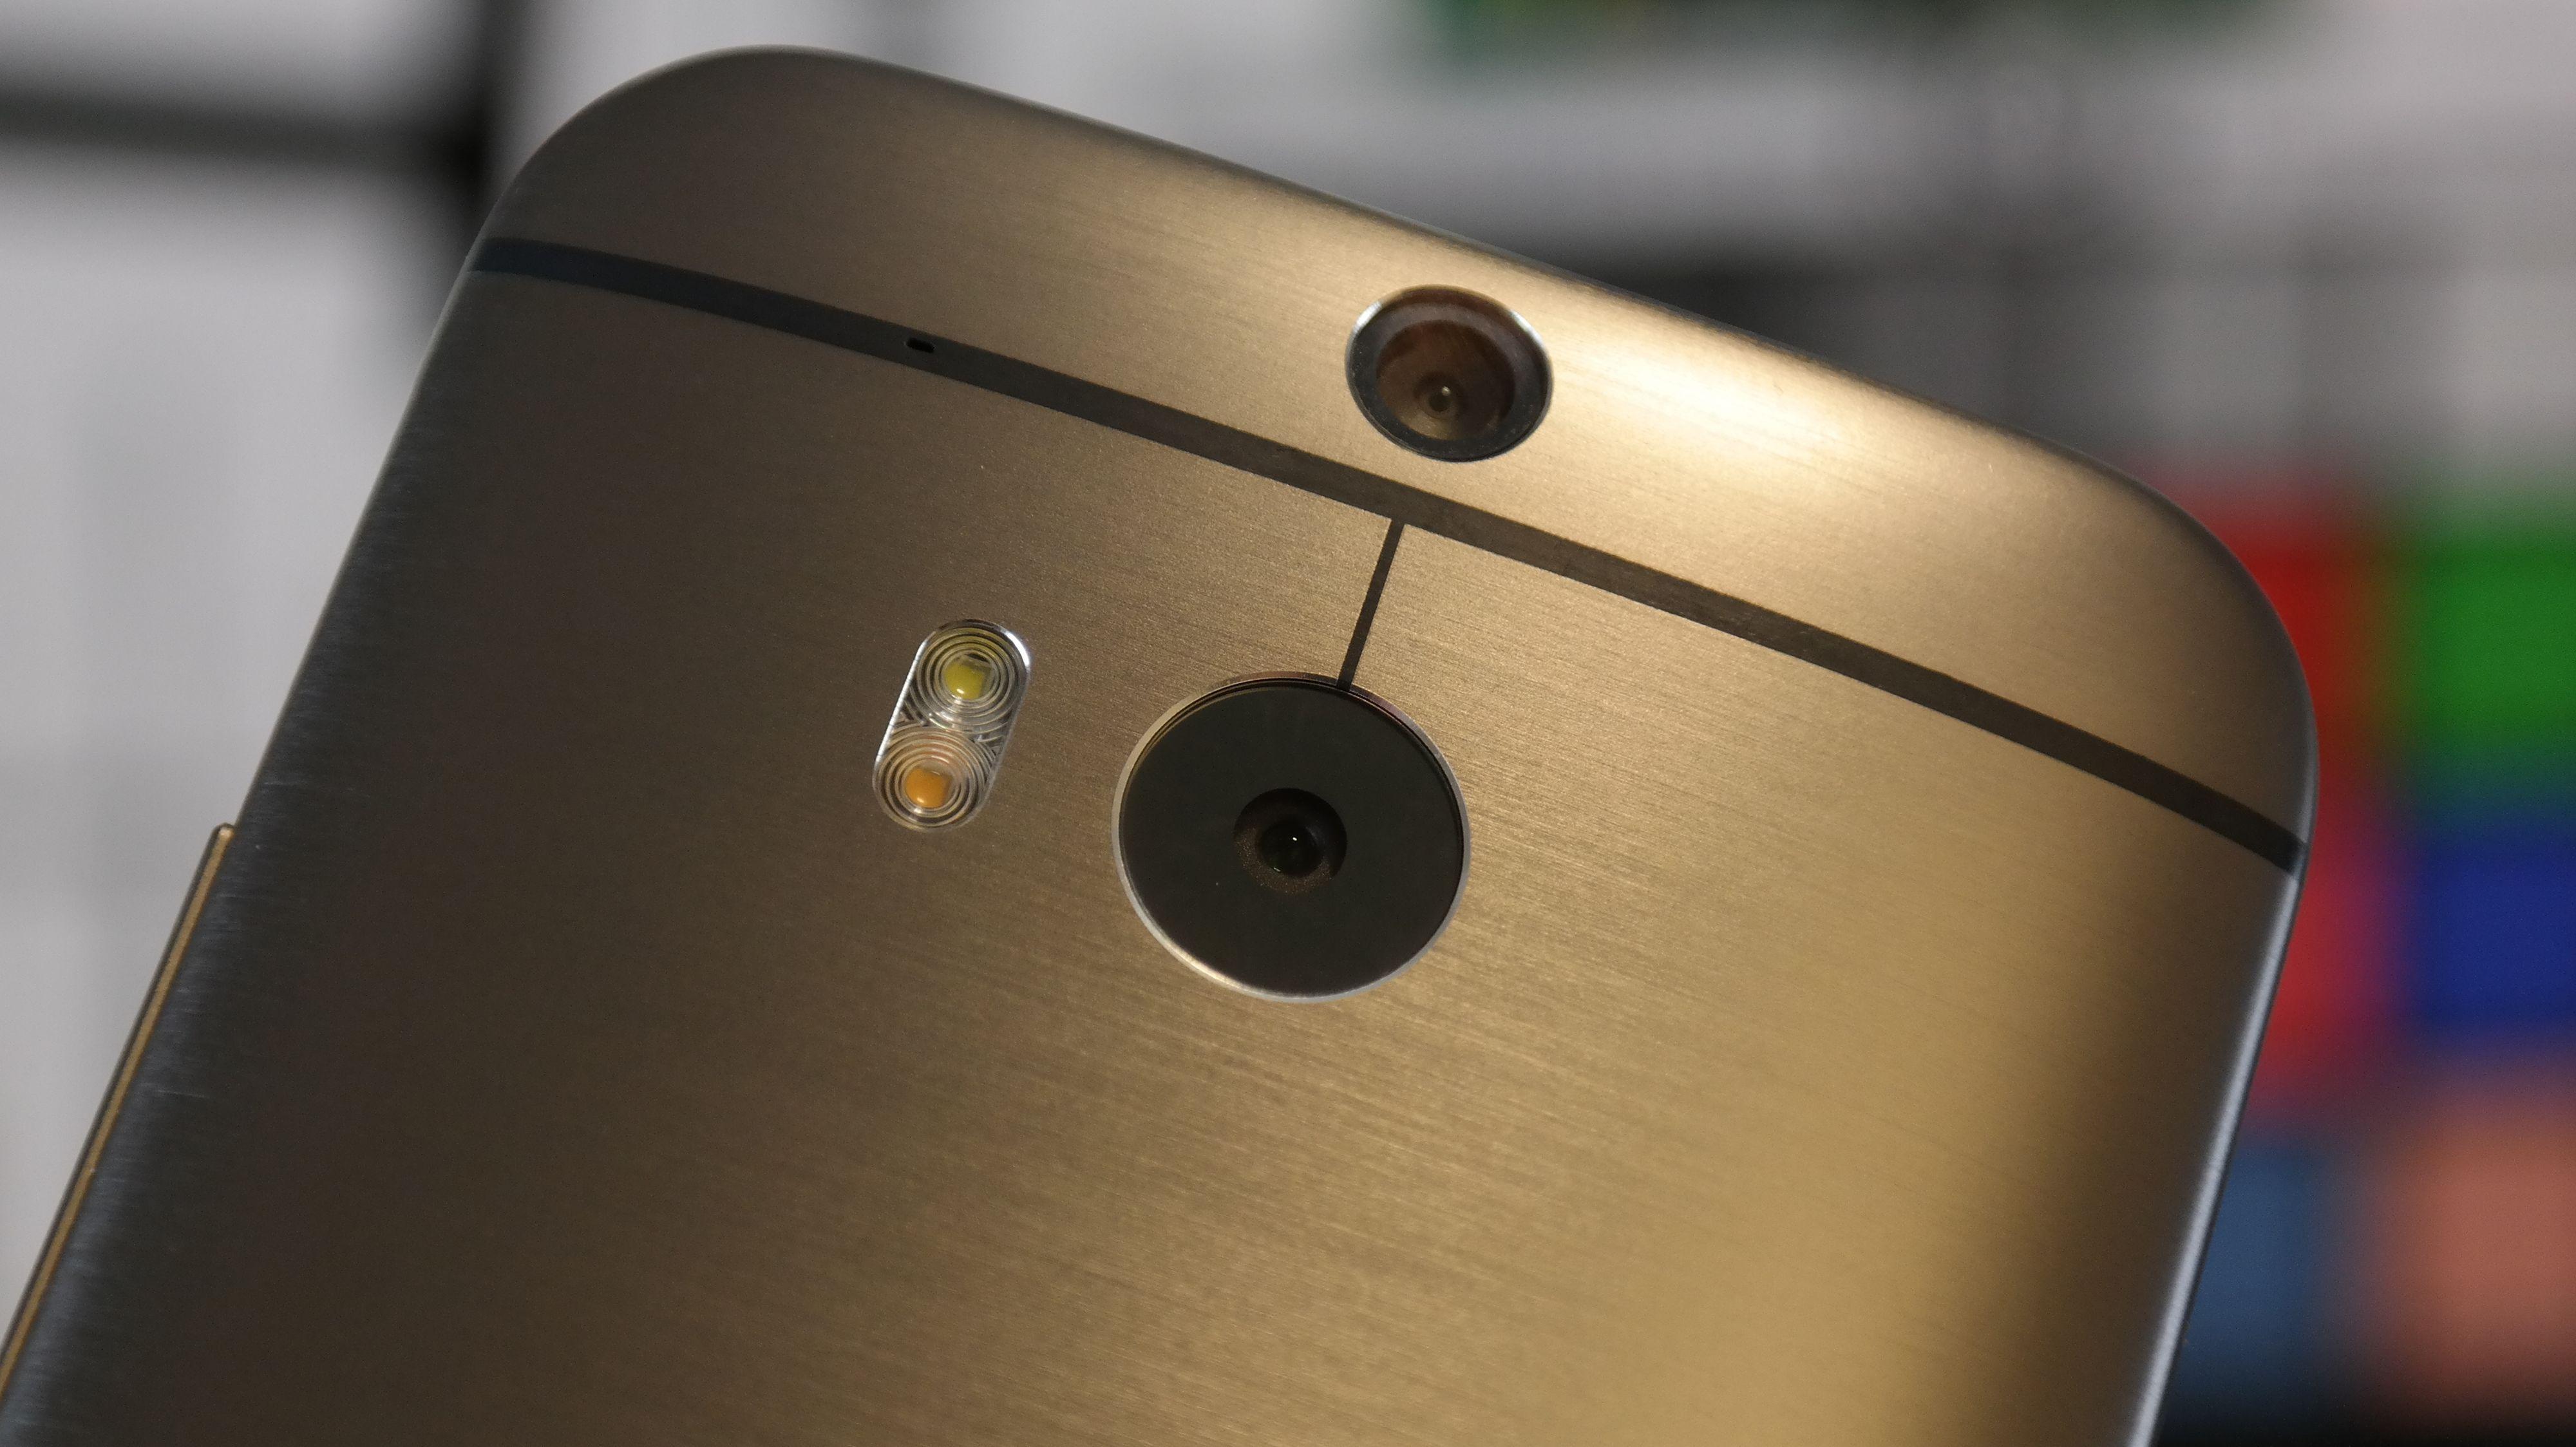 Det lille kameraet måler avstander. Det tar ikke egne bilder.Foto: Espen Irwing Swang, Amobil.no